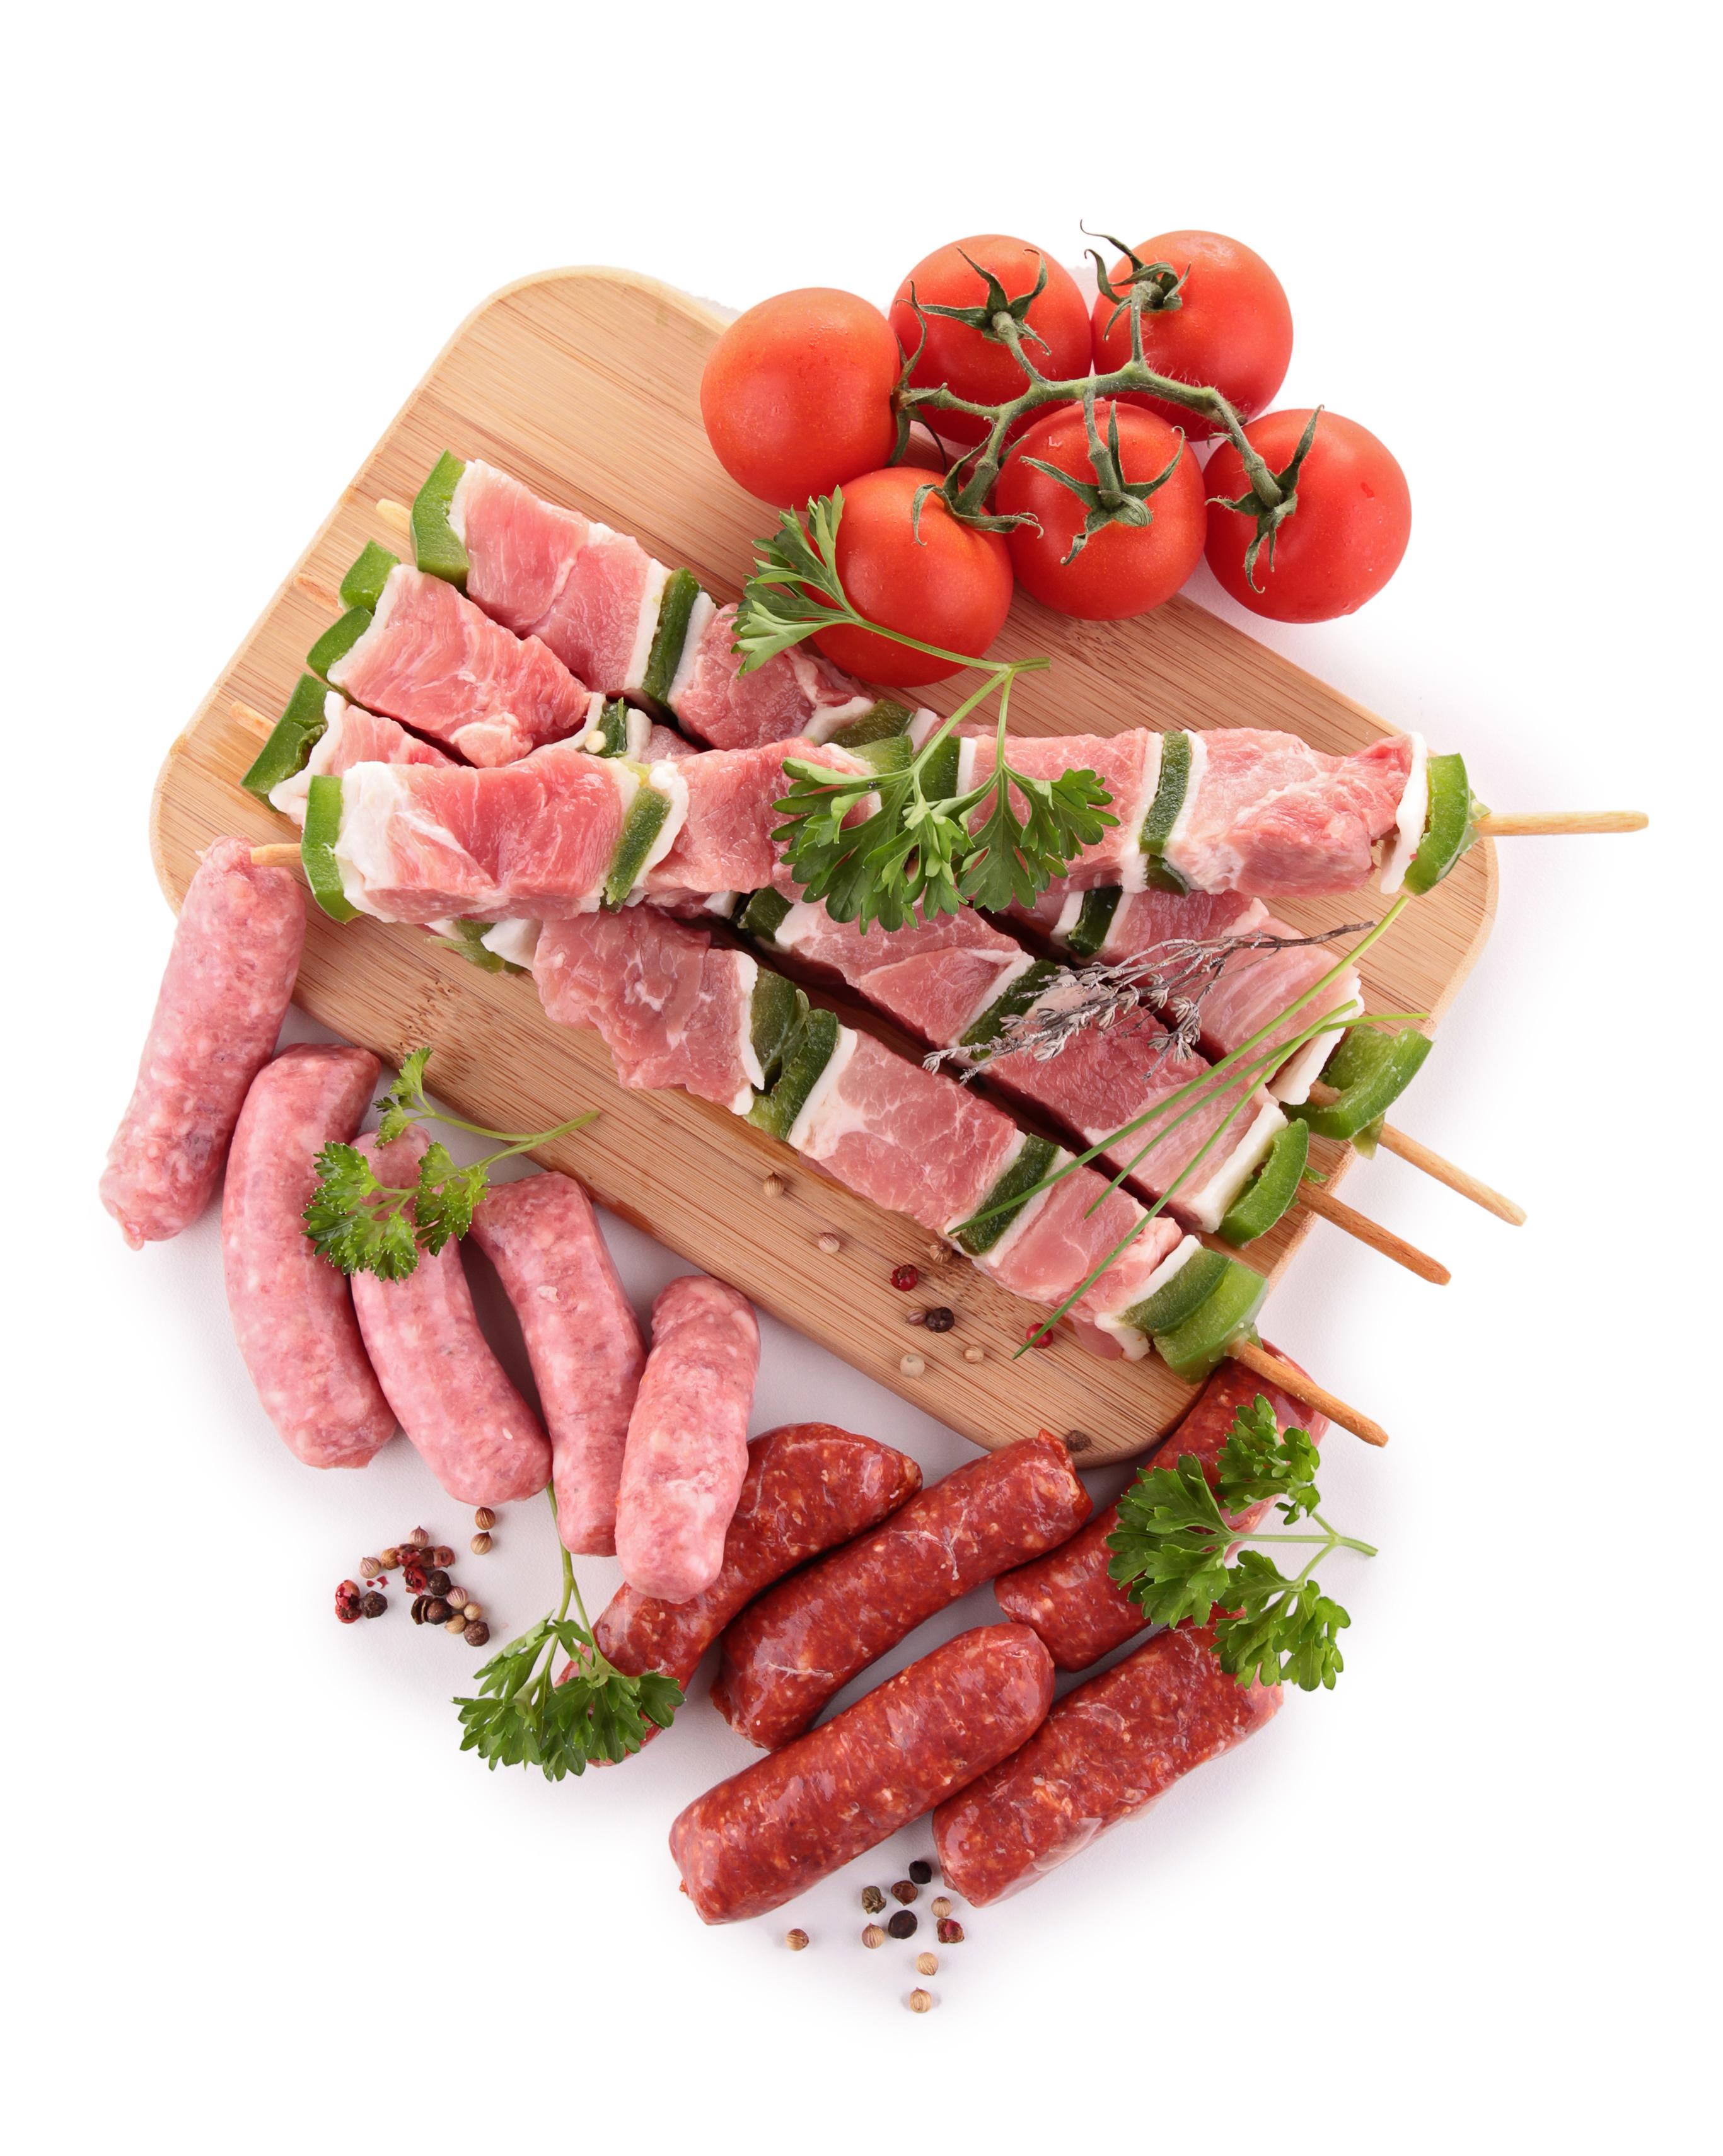 Мясо и барбекью с приправами, фото, скачать, приправа, говядина